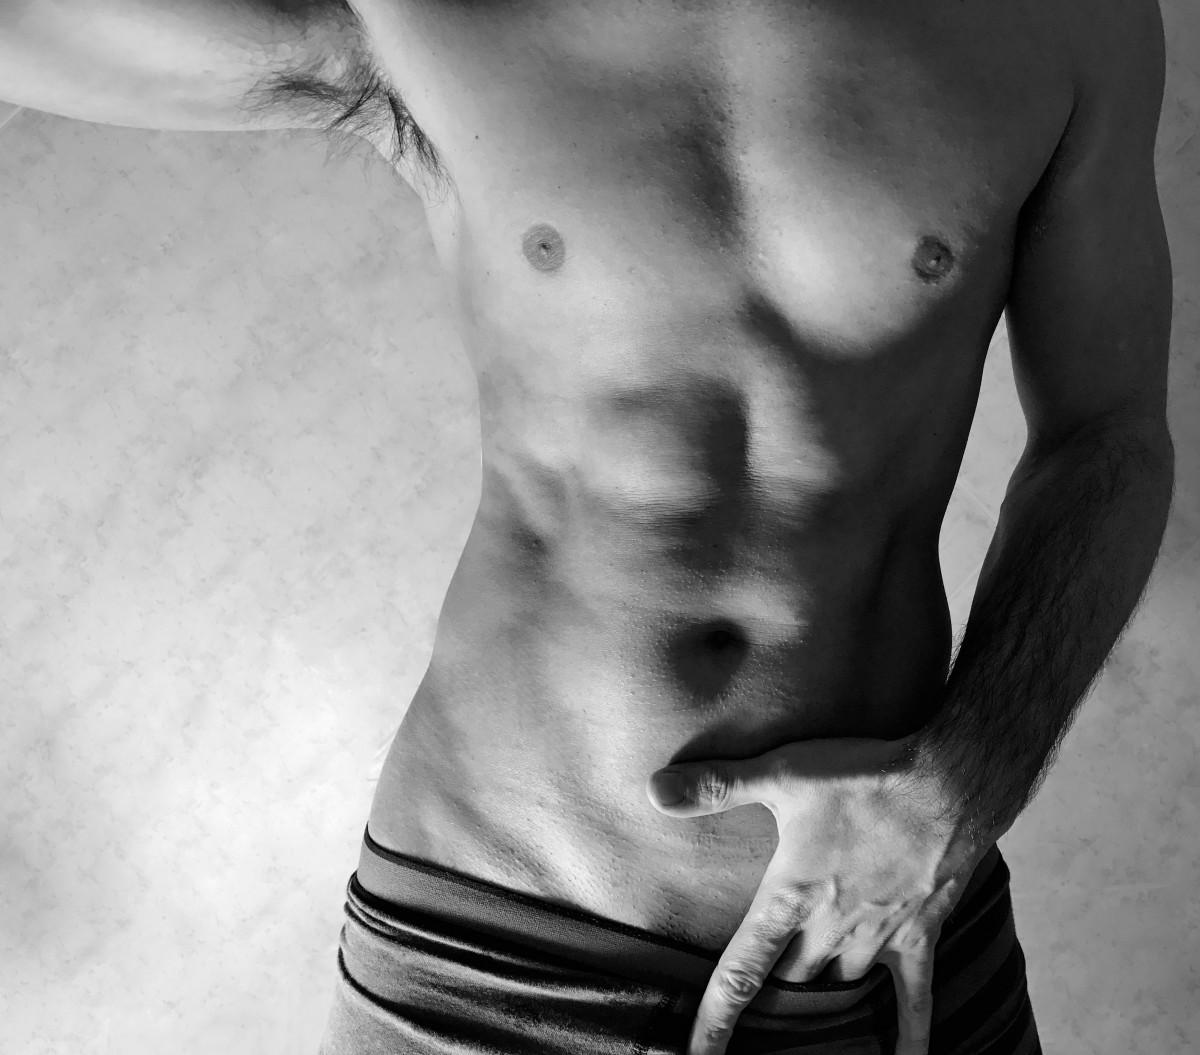 Onderzoek: regelmatig seks geneest het lichaam